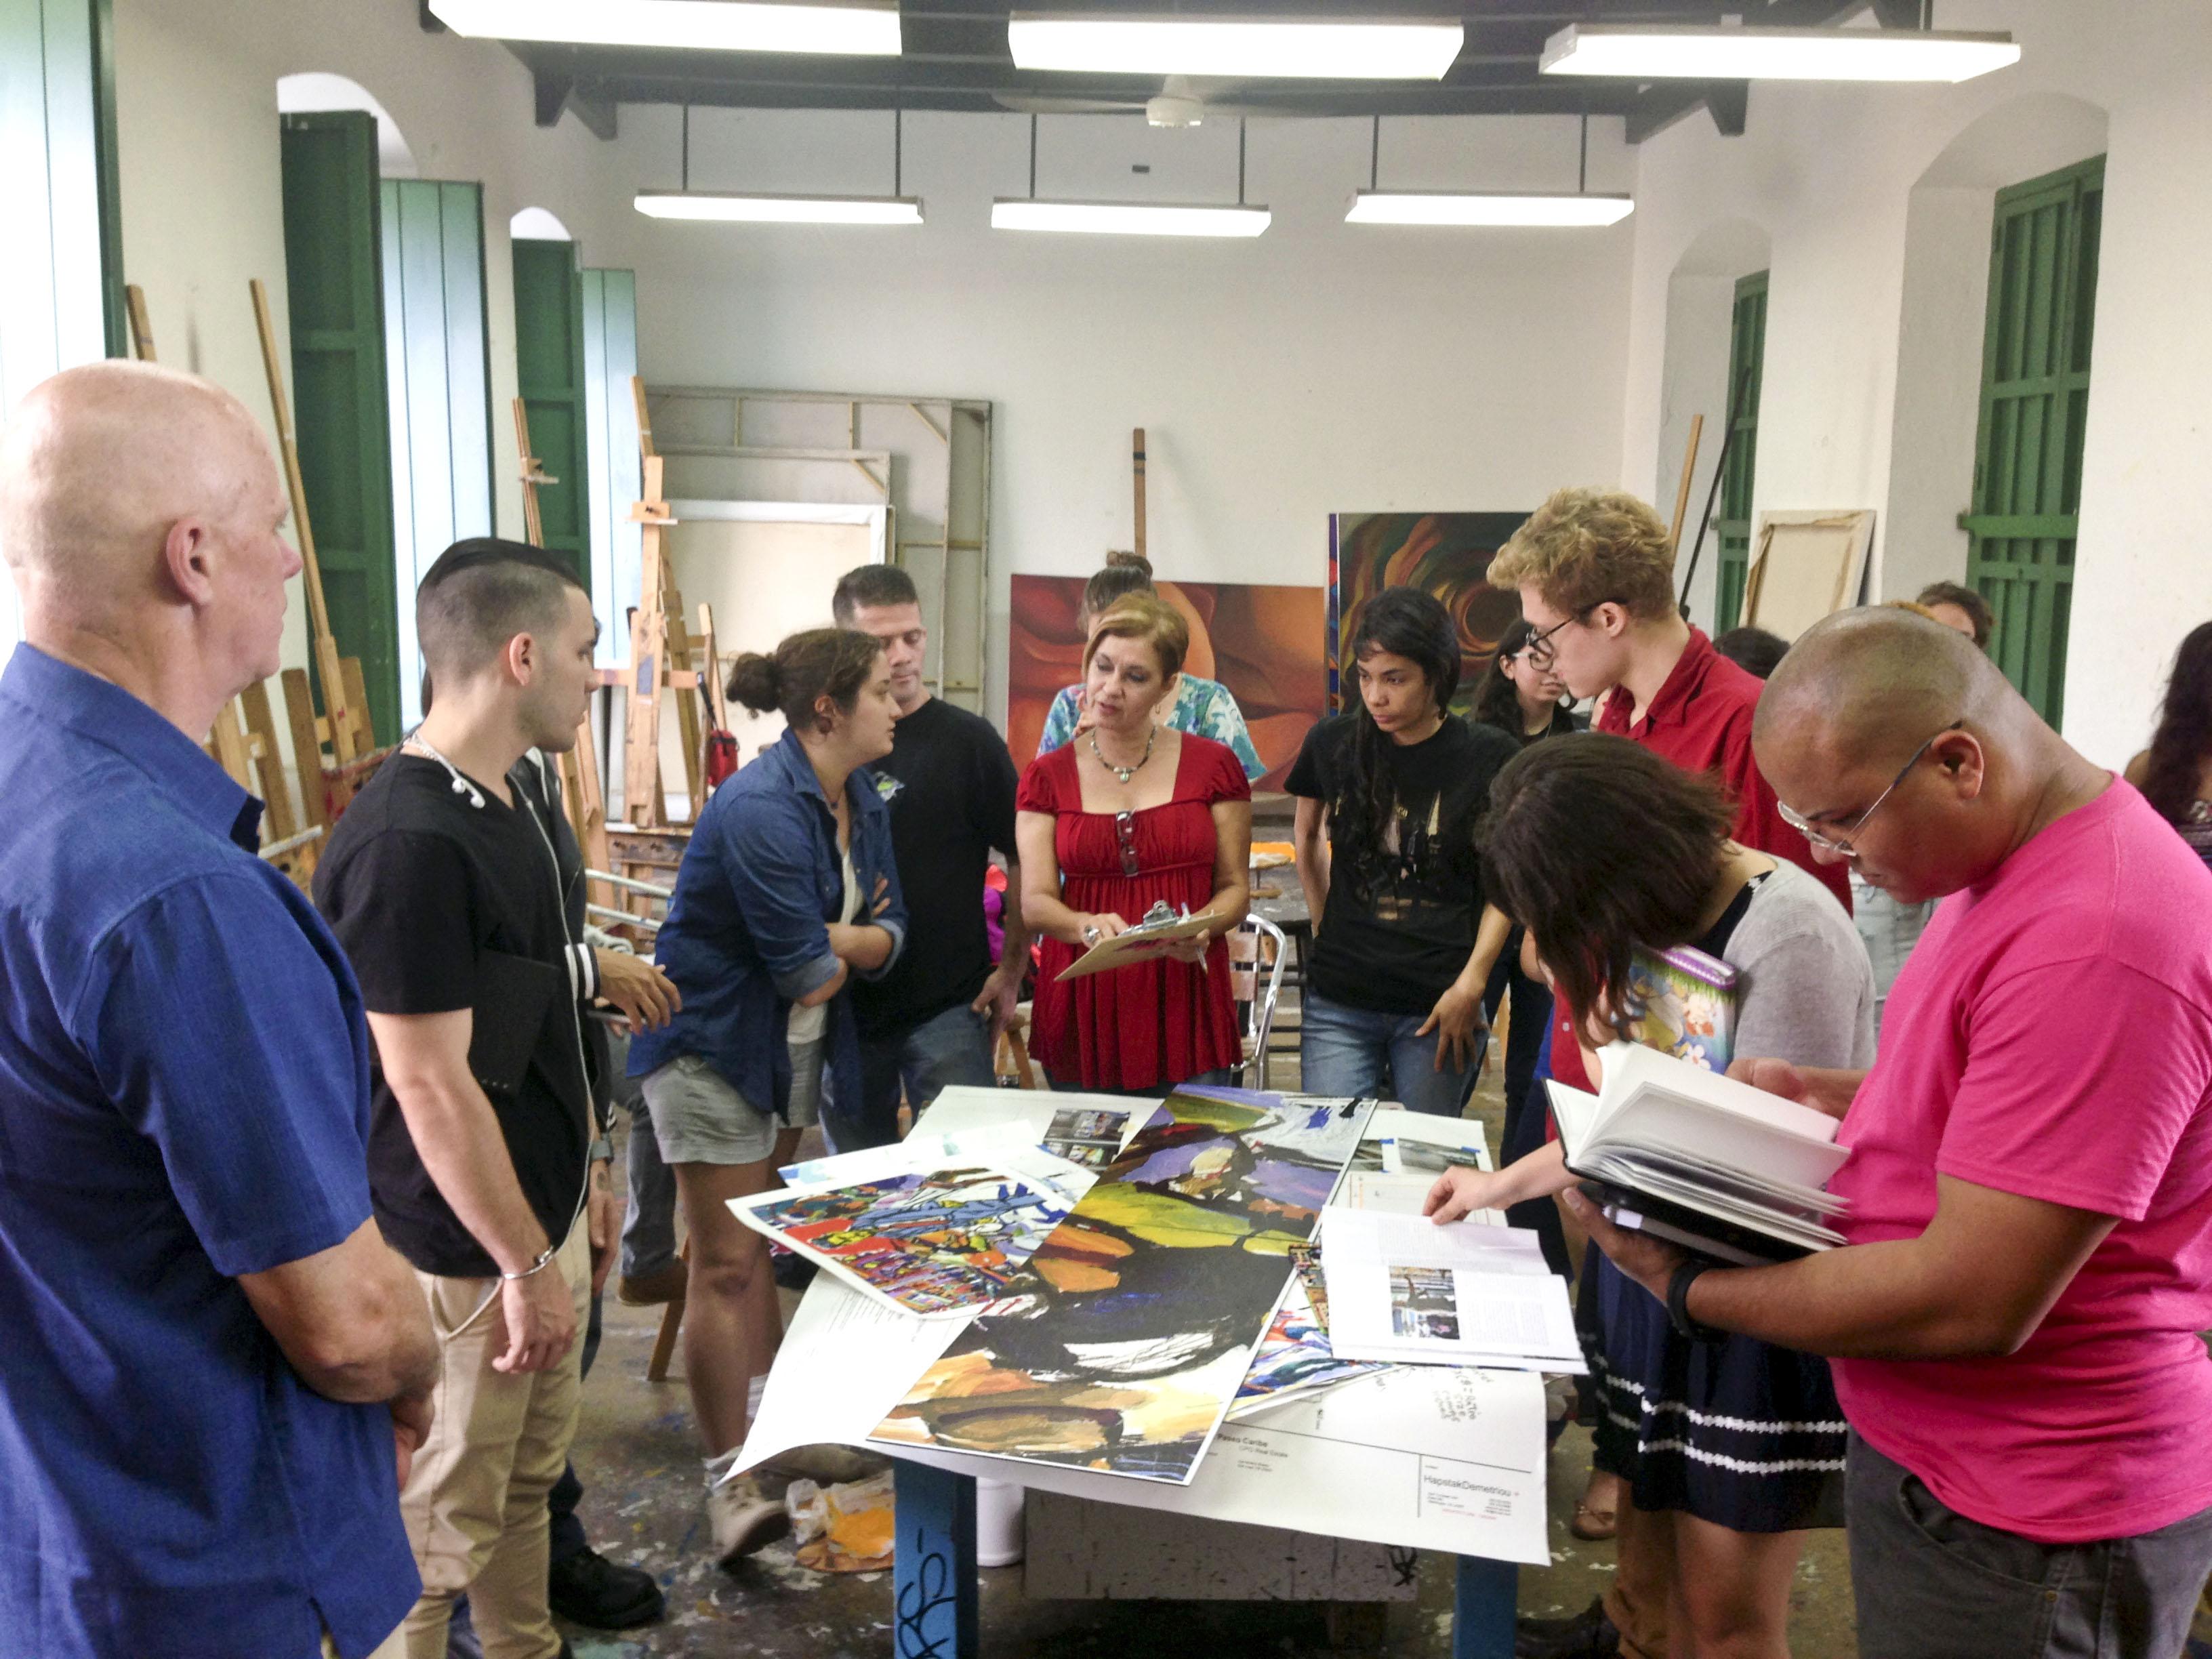 Tom Christopher working with students of Escuela de Artes Plásticas y Diseño de Puerto Rico